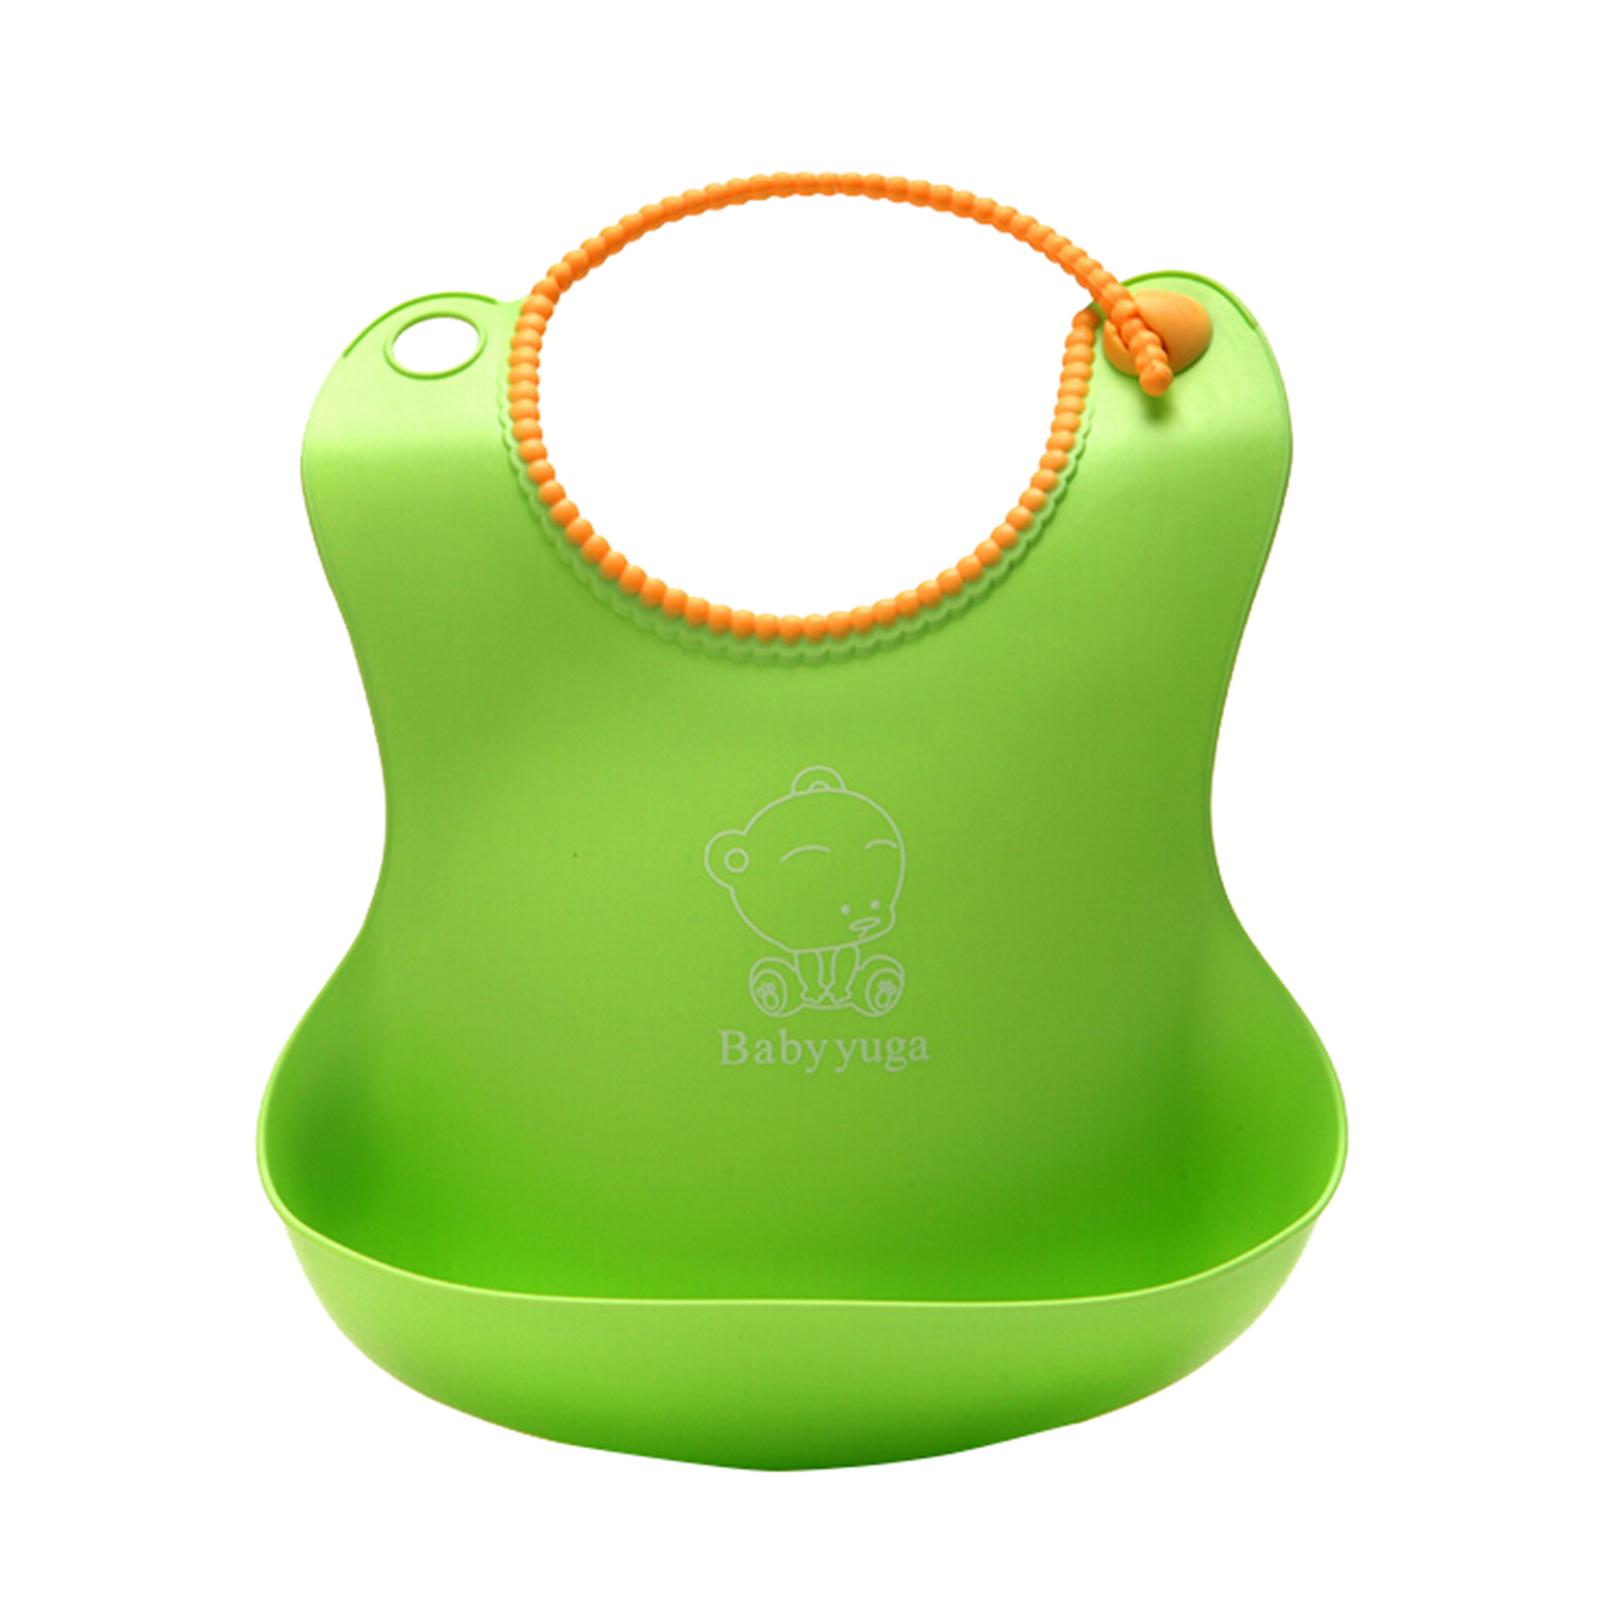 Baby-yuga-Comfi-Neck-Catch-All-Bib-Adjustable-Bib-Plastic-Bib-Baby-Feeding